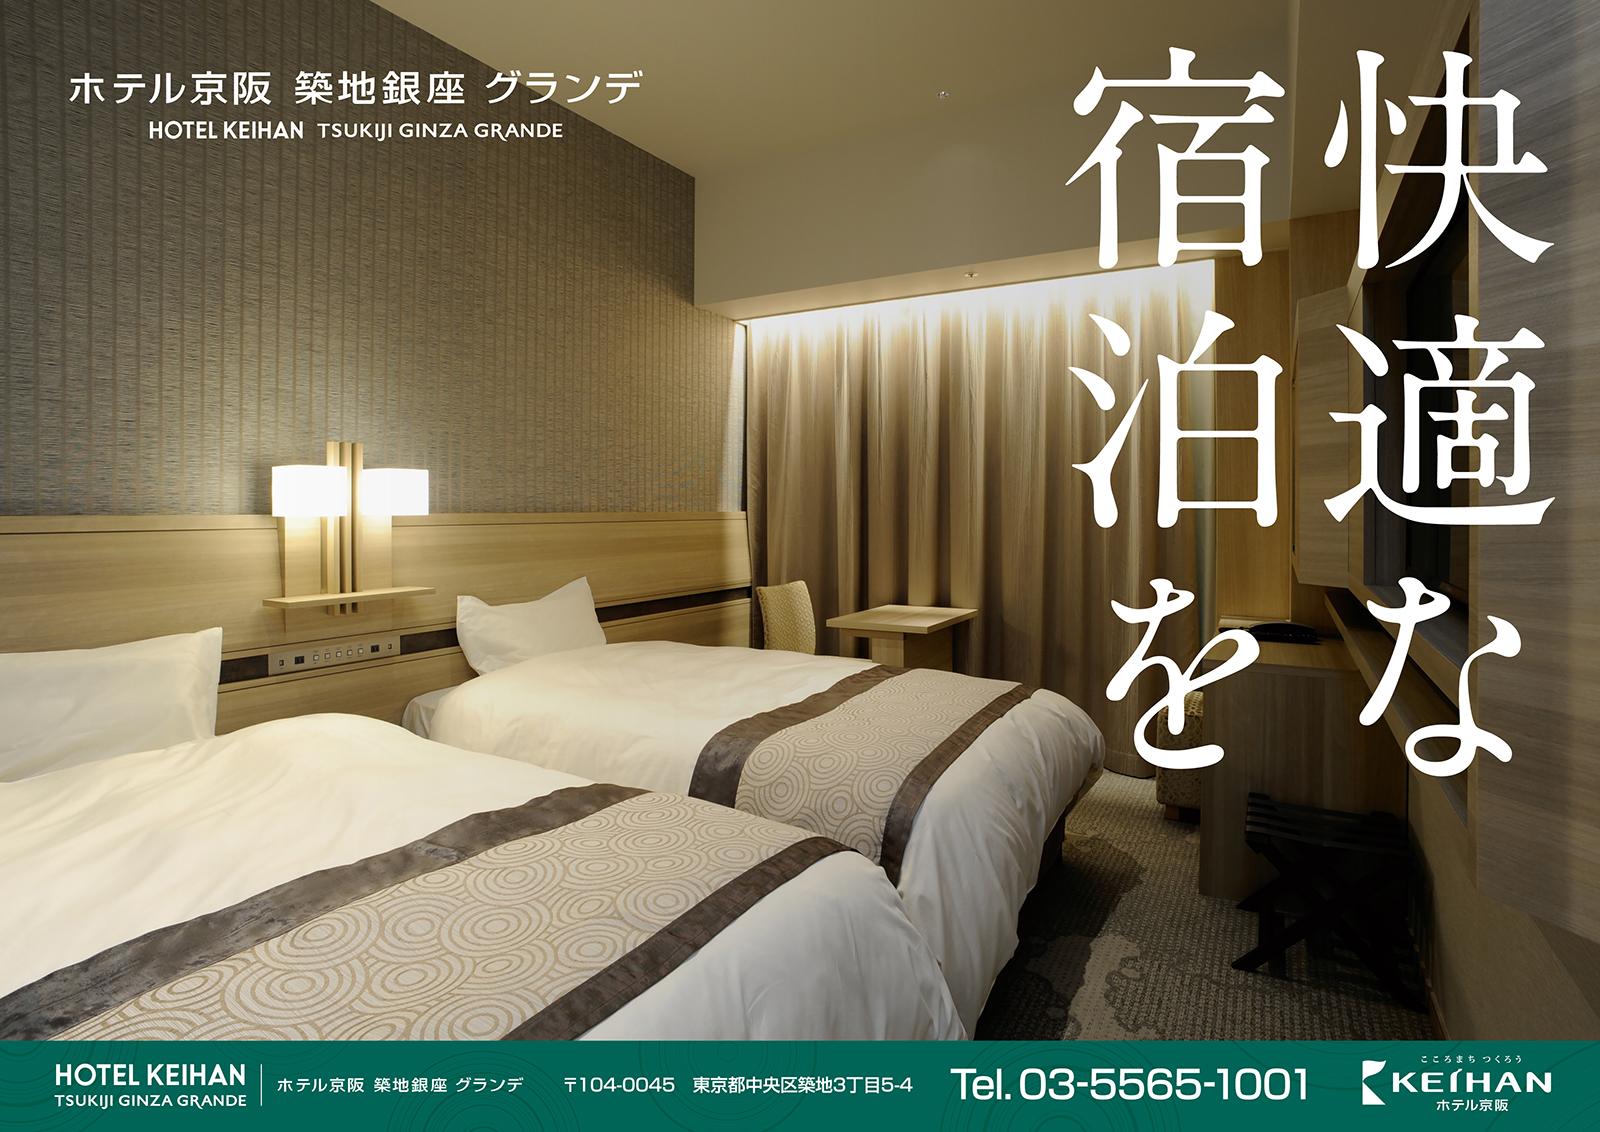 ホテル京阪 築地銀座 グランデ ポスター02